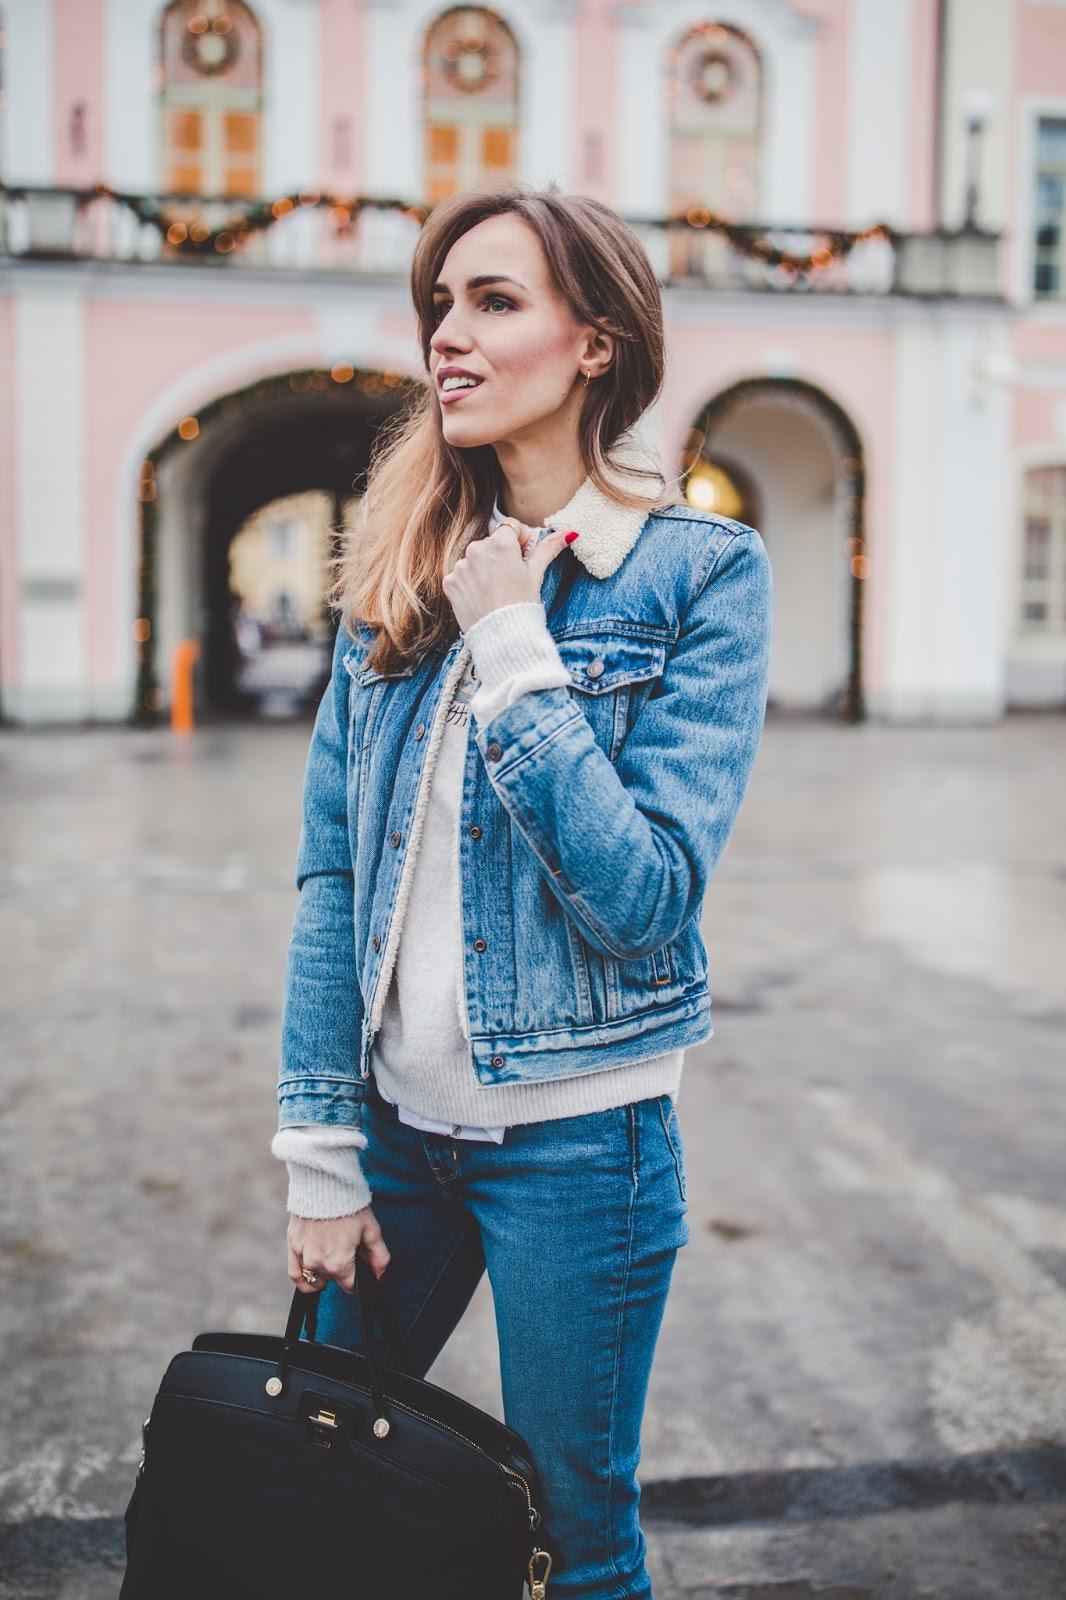 denim jacket jeans double denim winter outfit